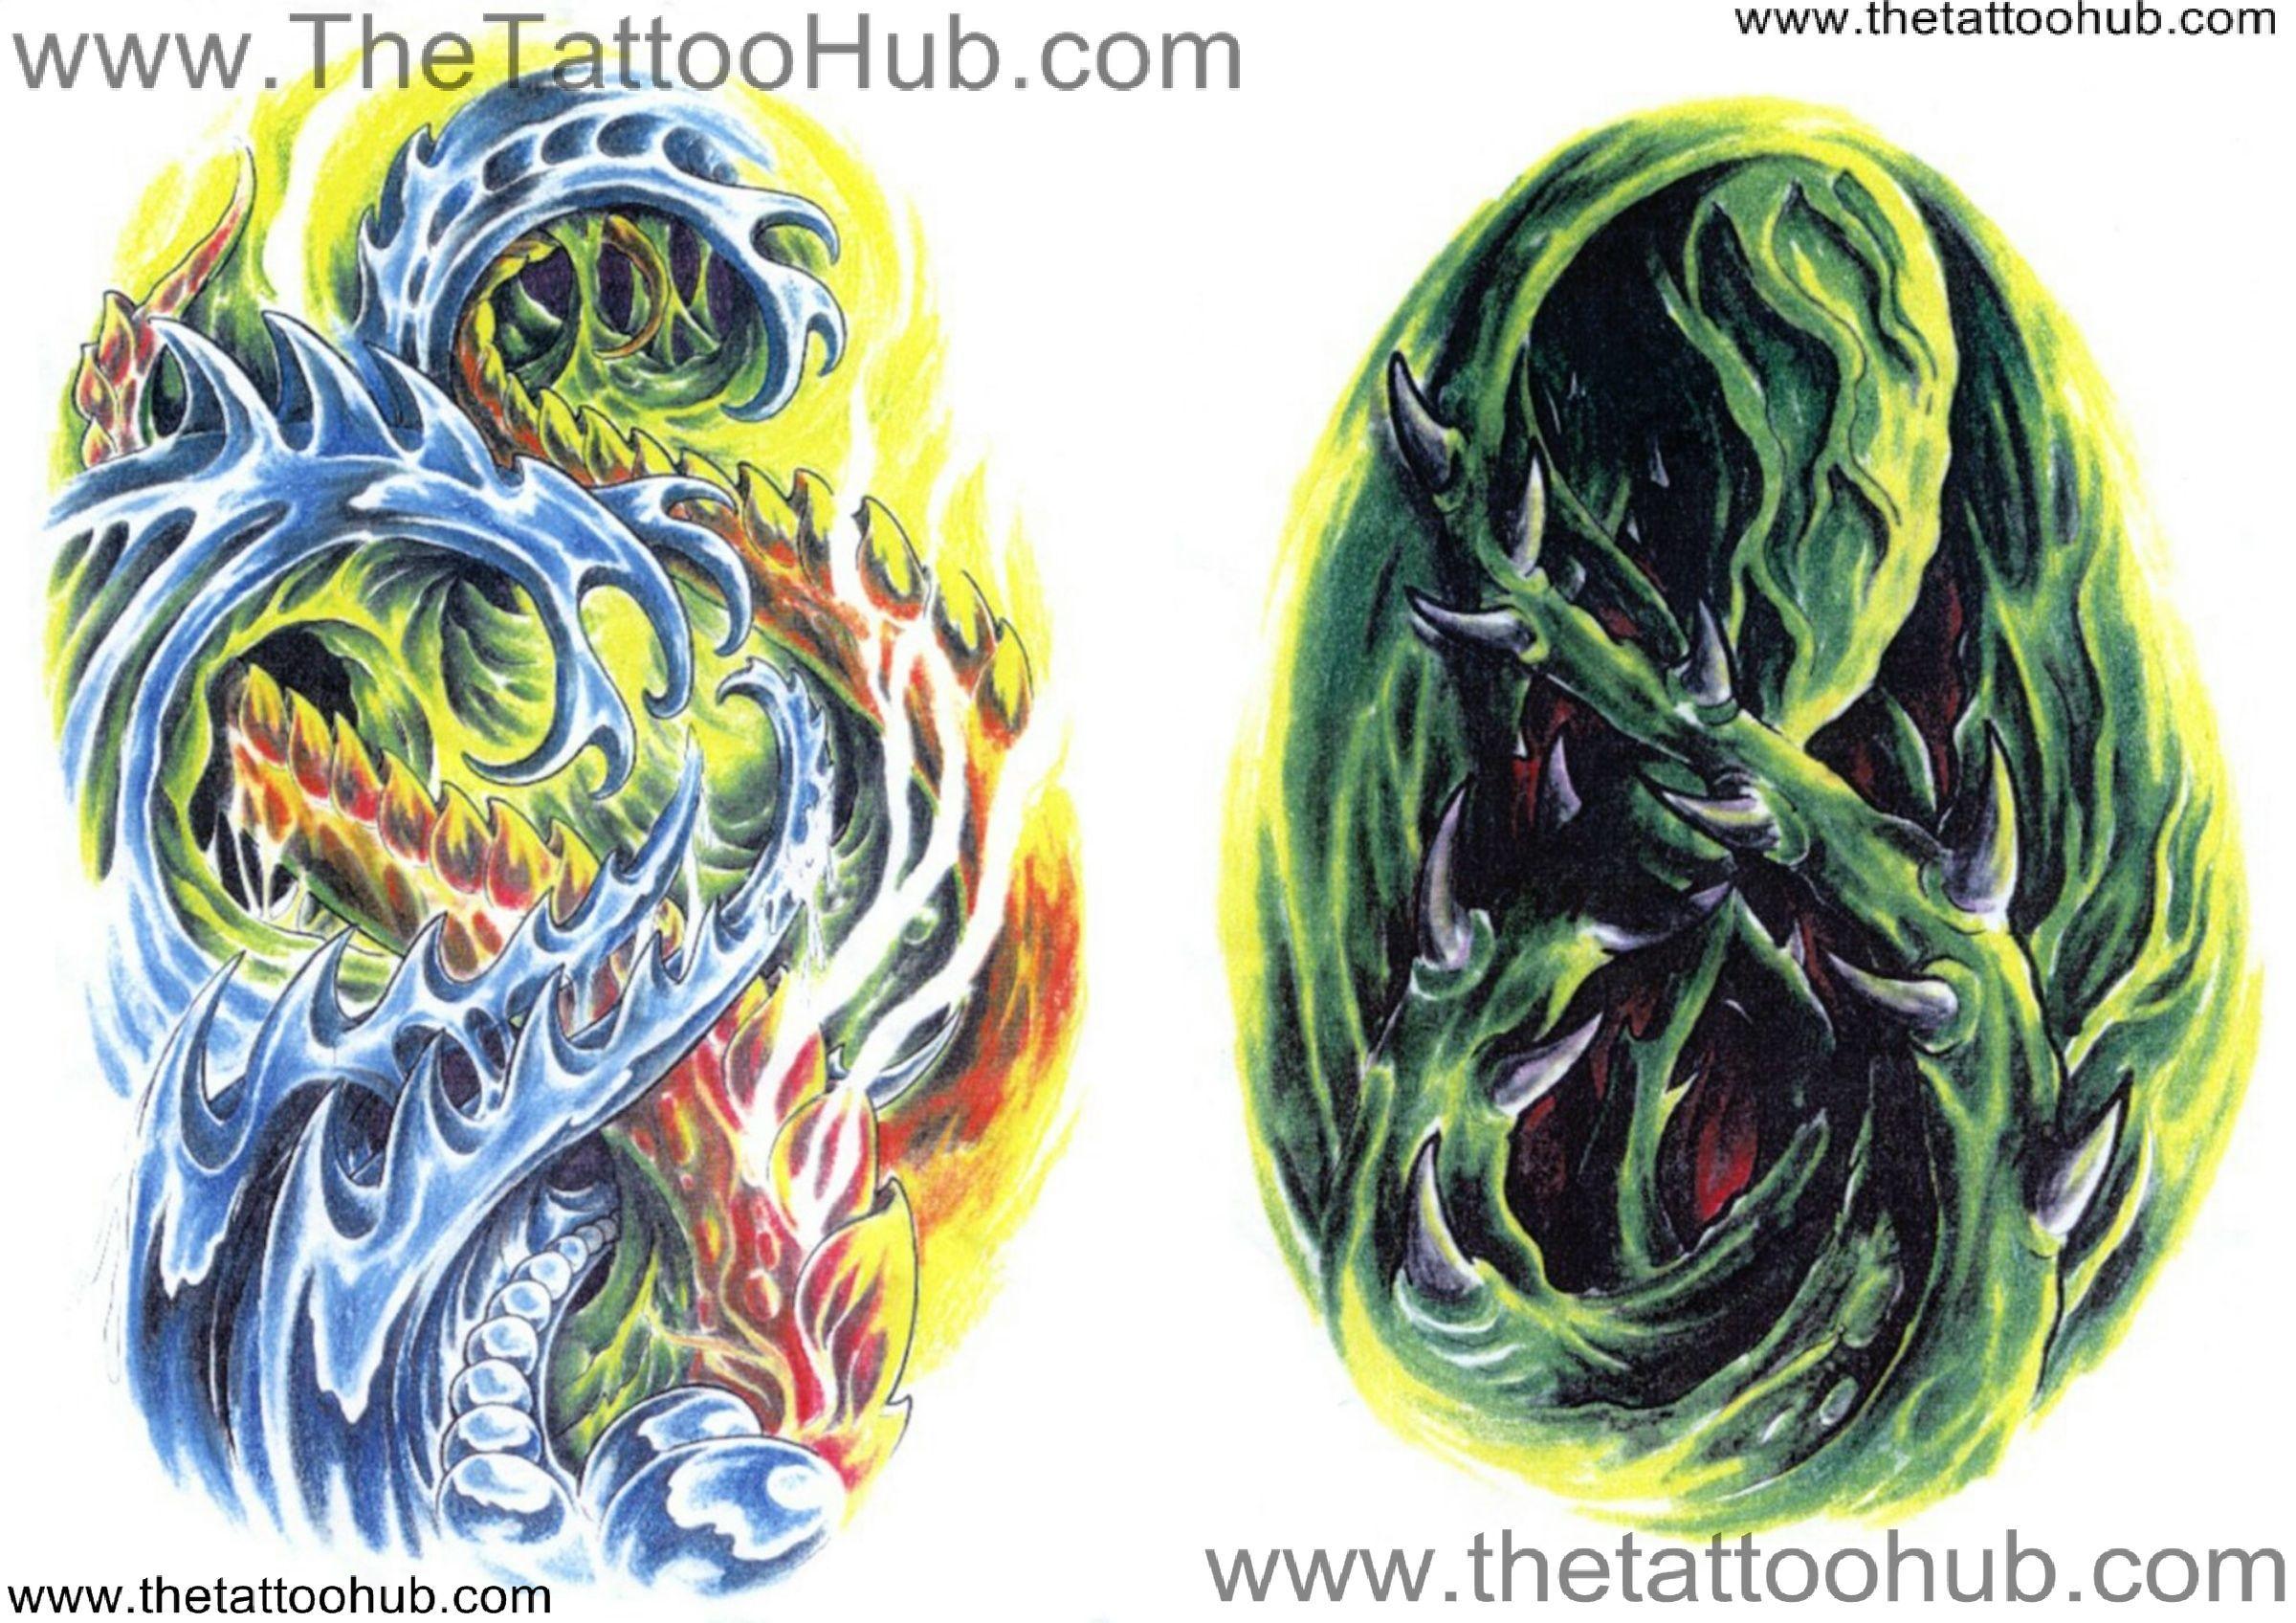 biotech tattoos | Biotech Tattoos Page 3